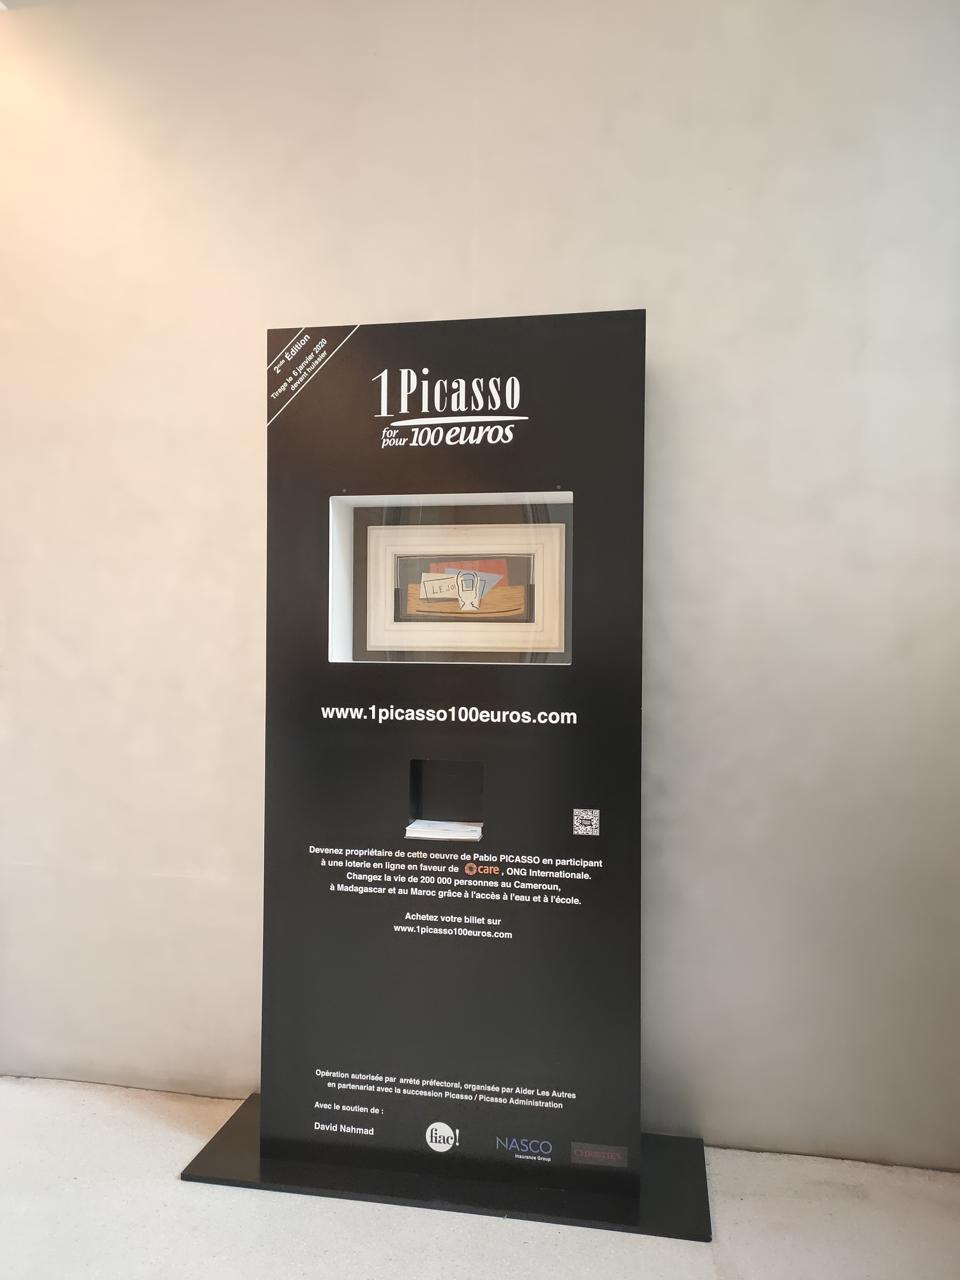 1 Picasso for 100 euros